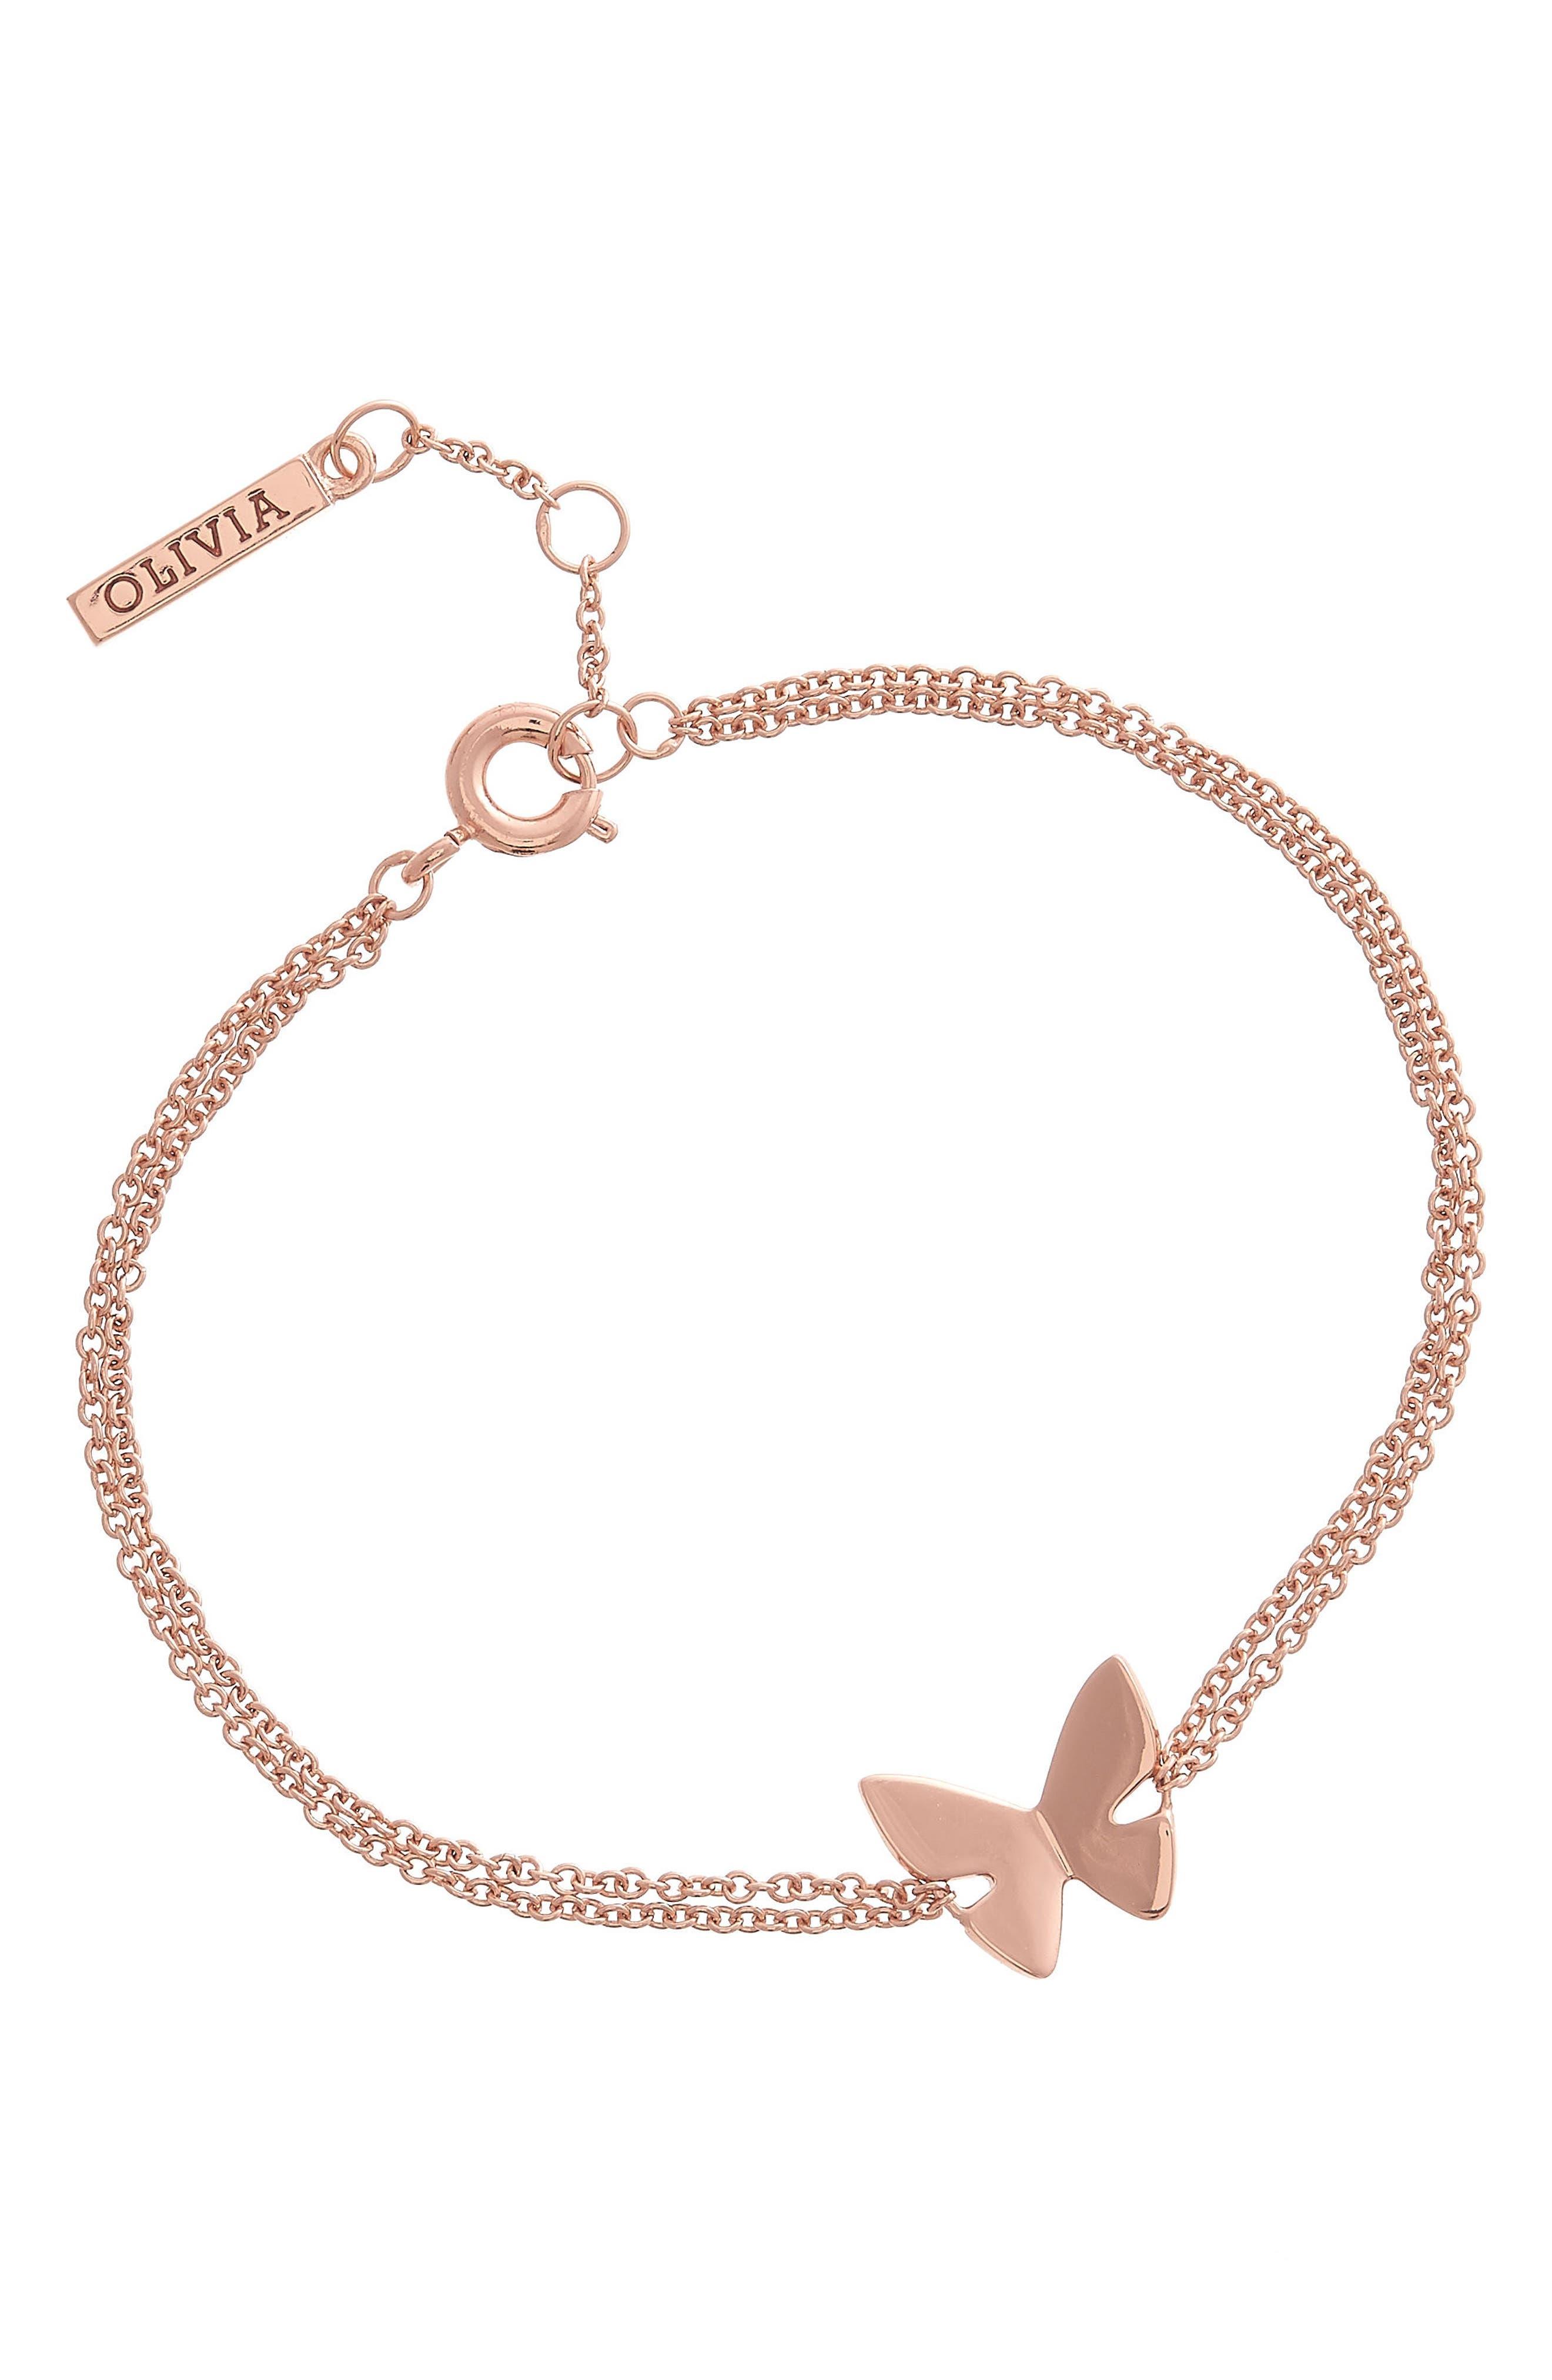 Social Butterfly Chain Bracelet,                             Alternate thumbnail 3, color,                             ROSE GOLD